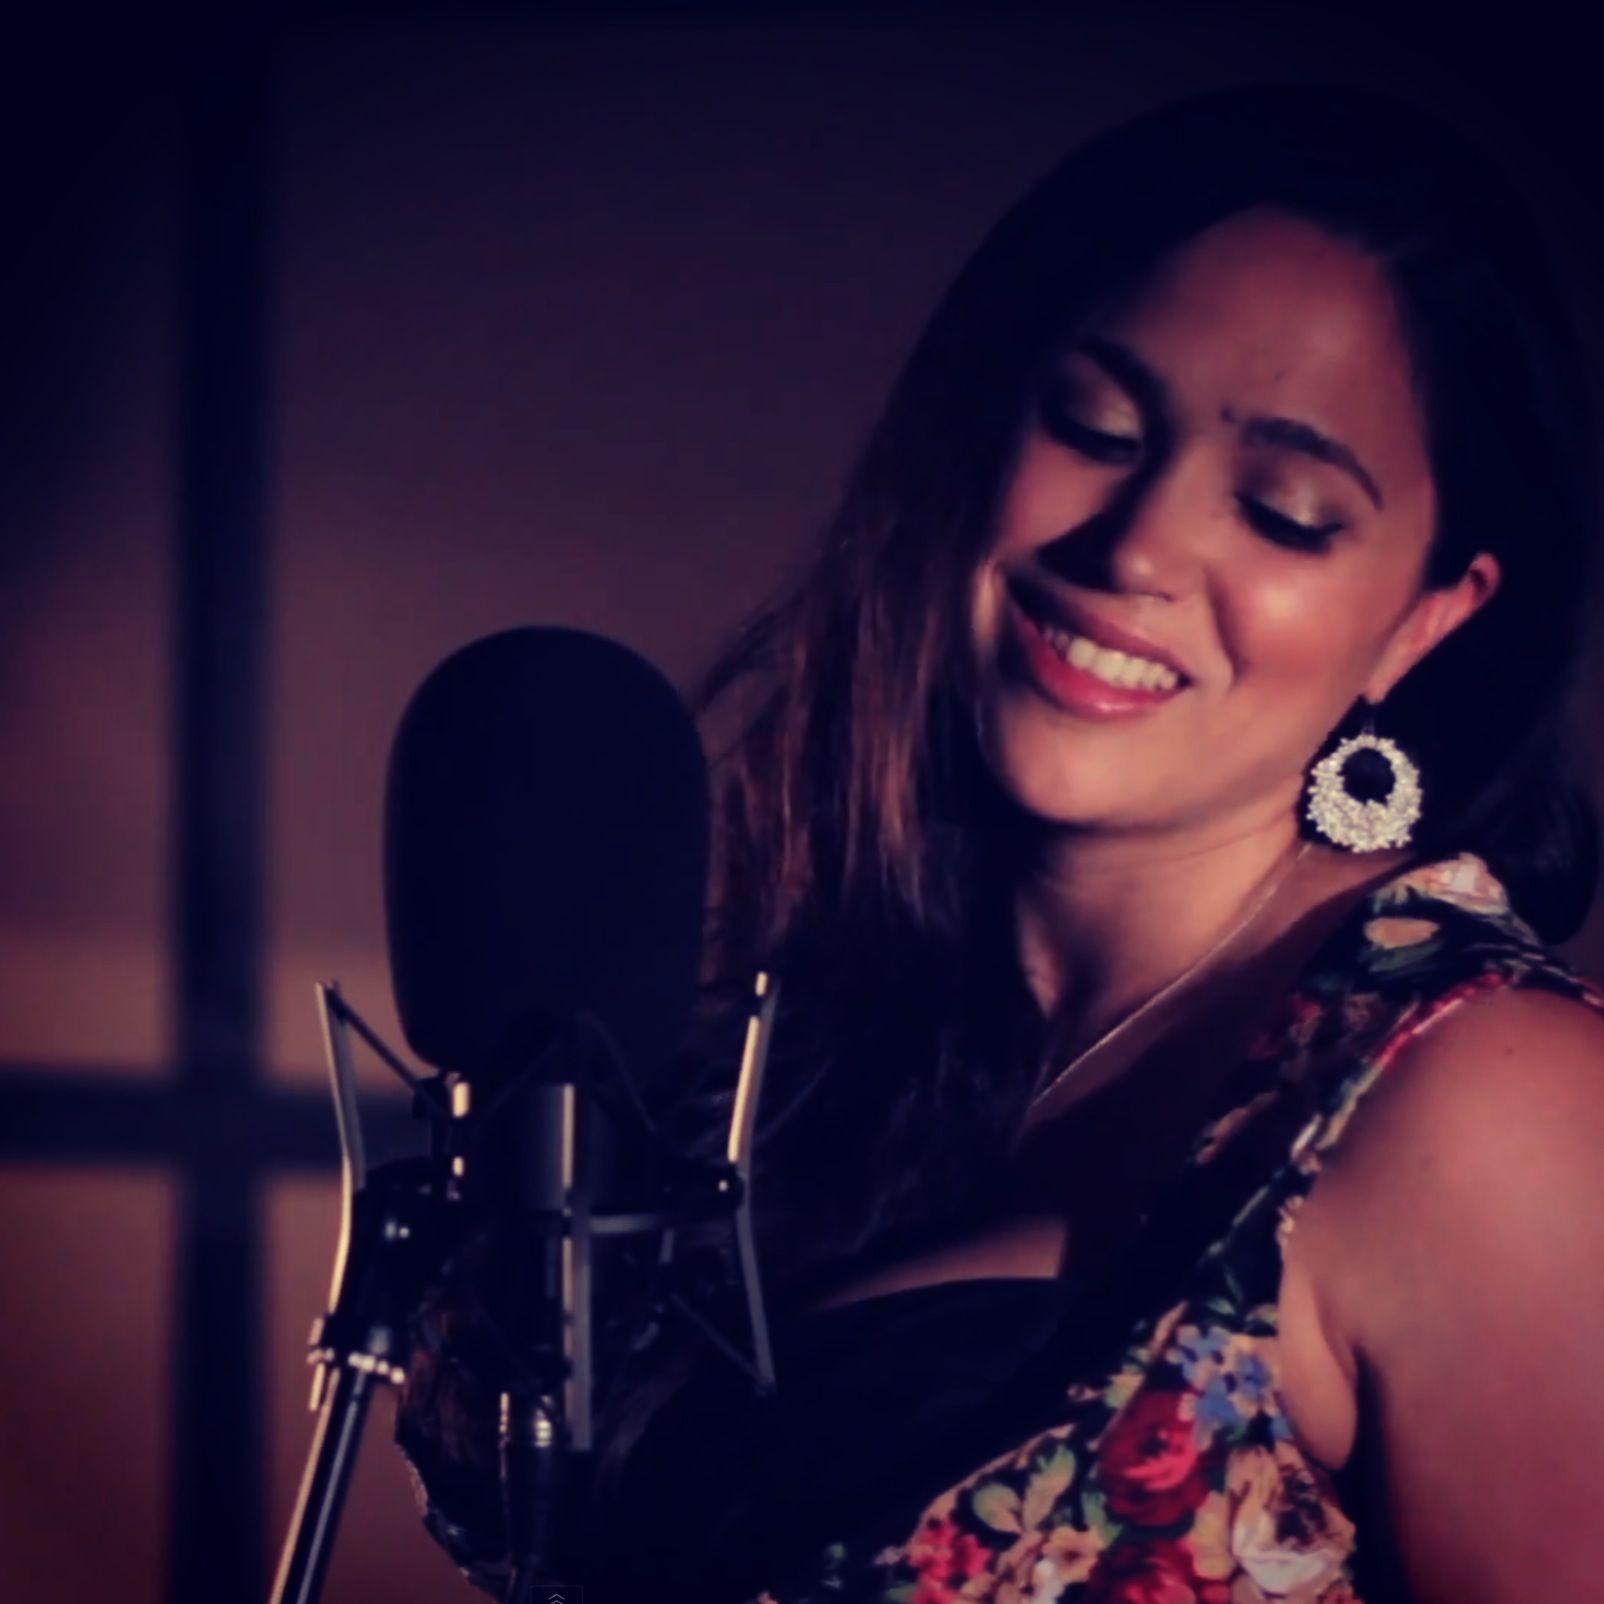 Bex Bennett recording at Resident Studios